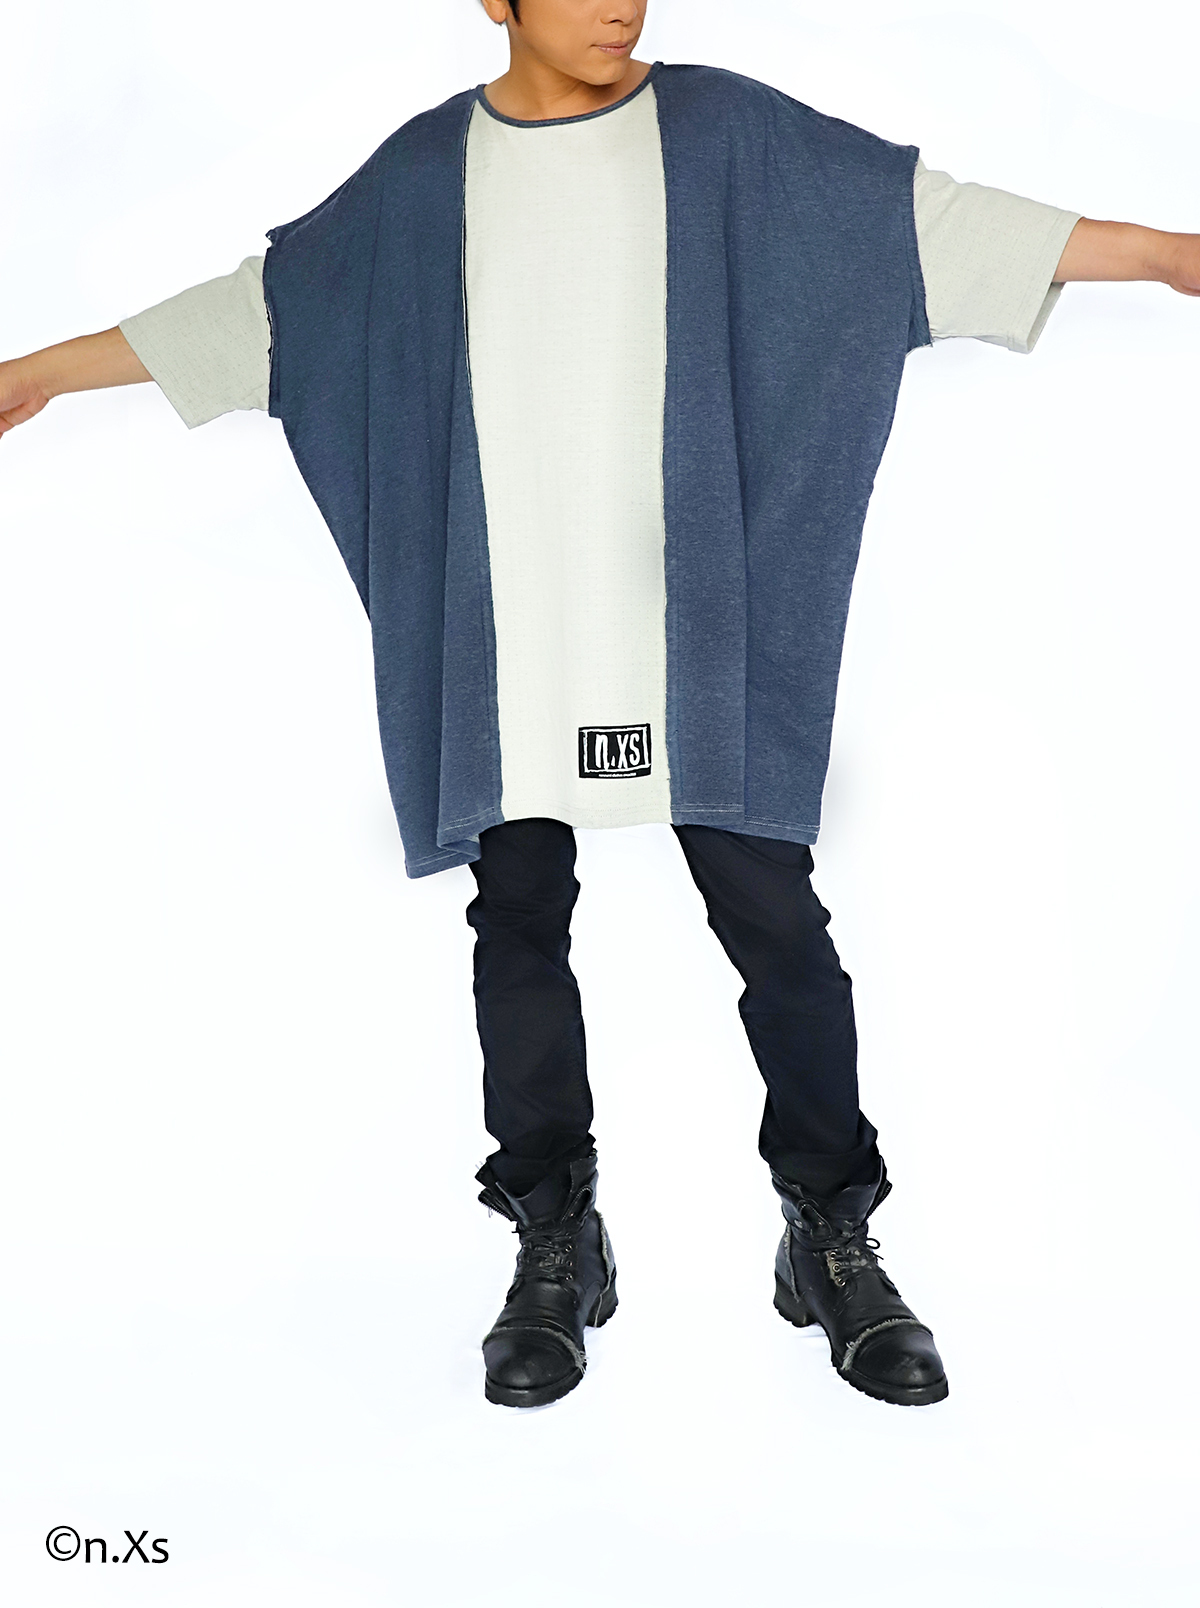 ミルフィーユ・シームTシャツ(ソーサーネックTシャツ)  NAVY